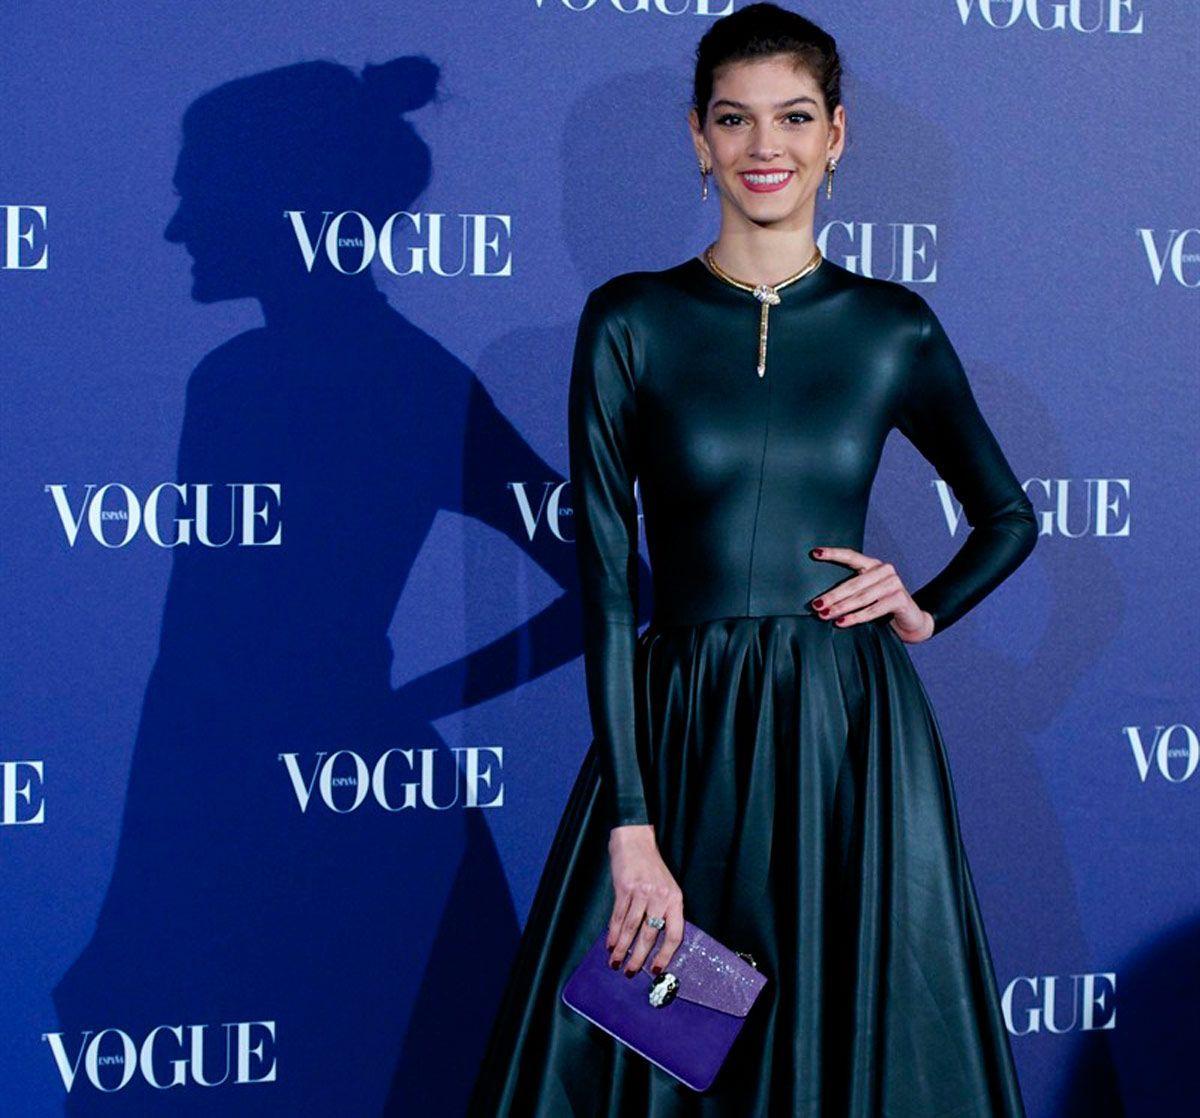 Marta Ortiz, es valenciana y una de las modelos internacionales más cotizadas